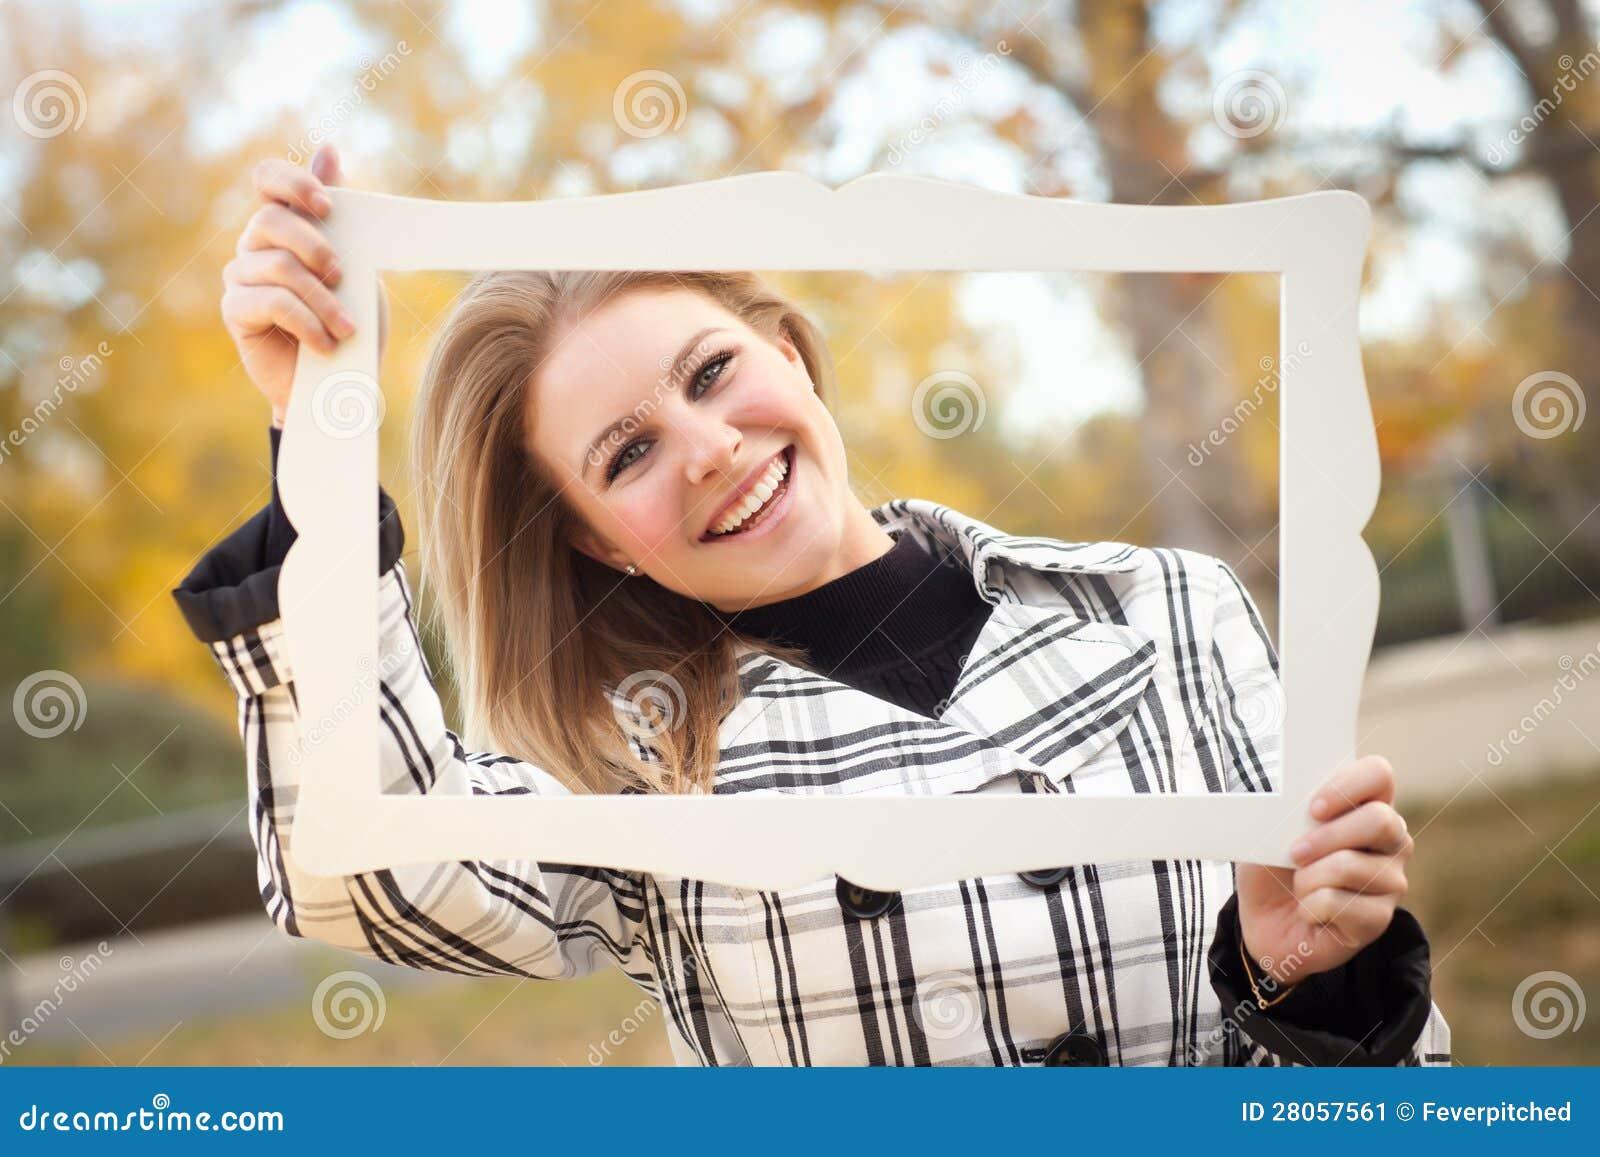 jolie jeune femme souriant en parc avec le cadre de tableau image stock image du femelle. Black Bedroom Furniture Sets. Home Design Ideas